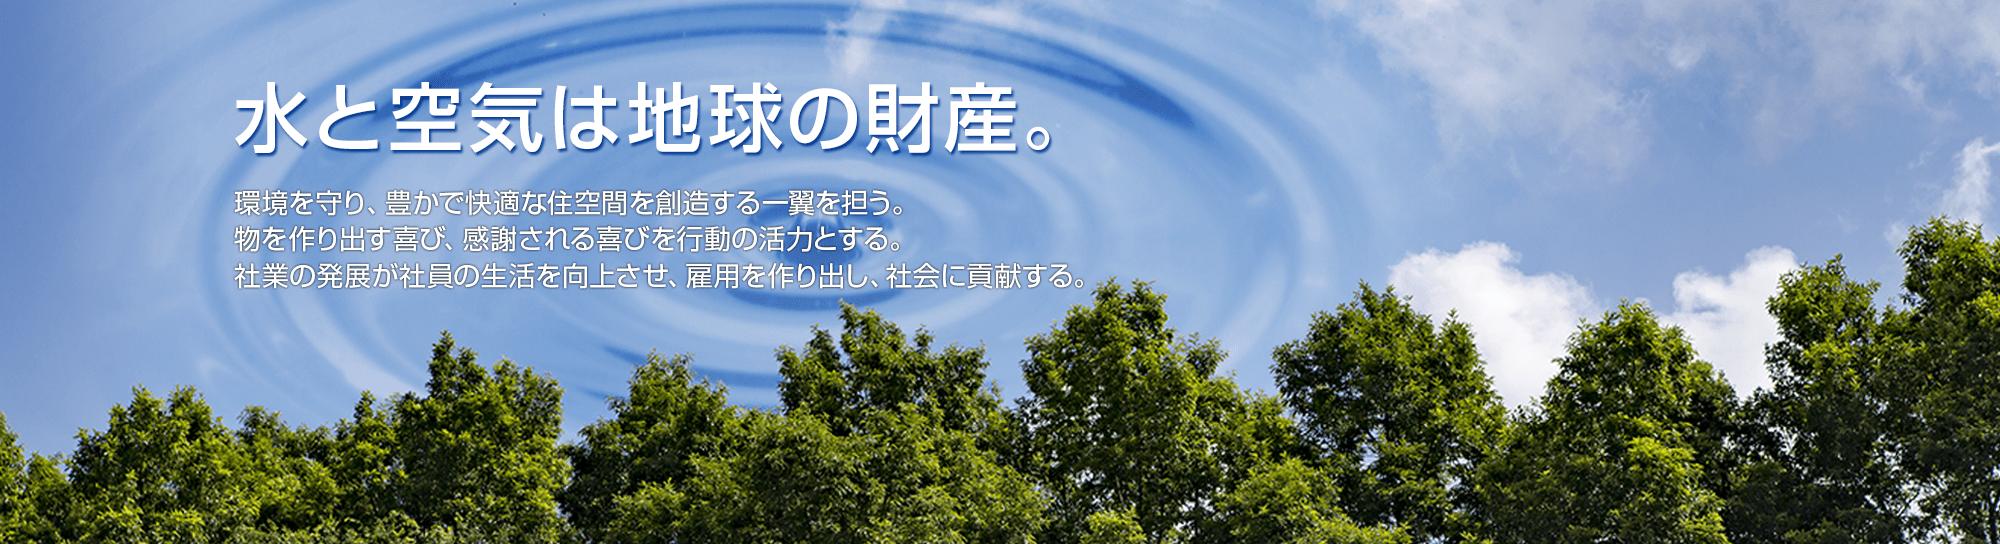 水と空気は地球の財産。